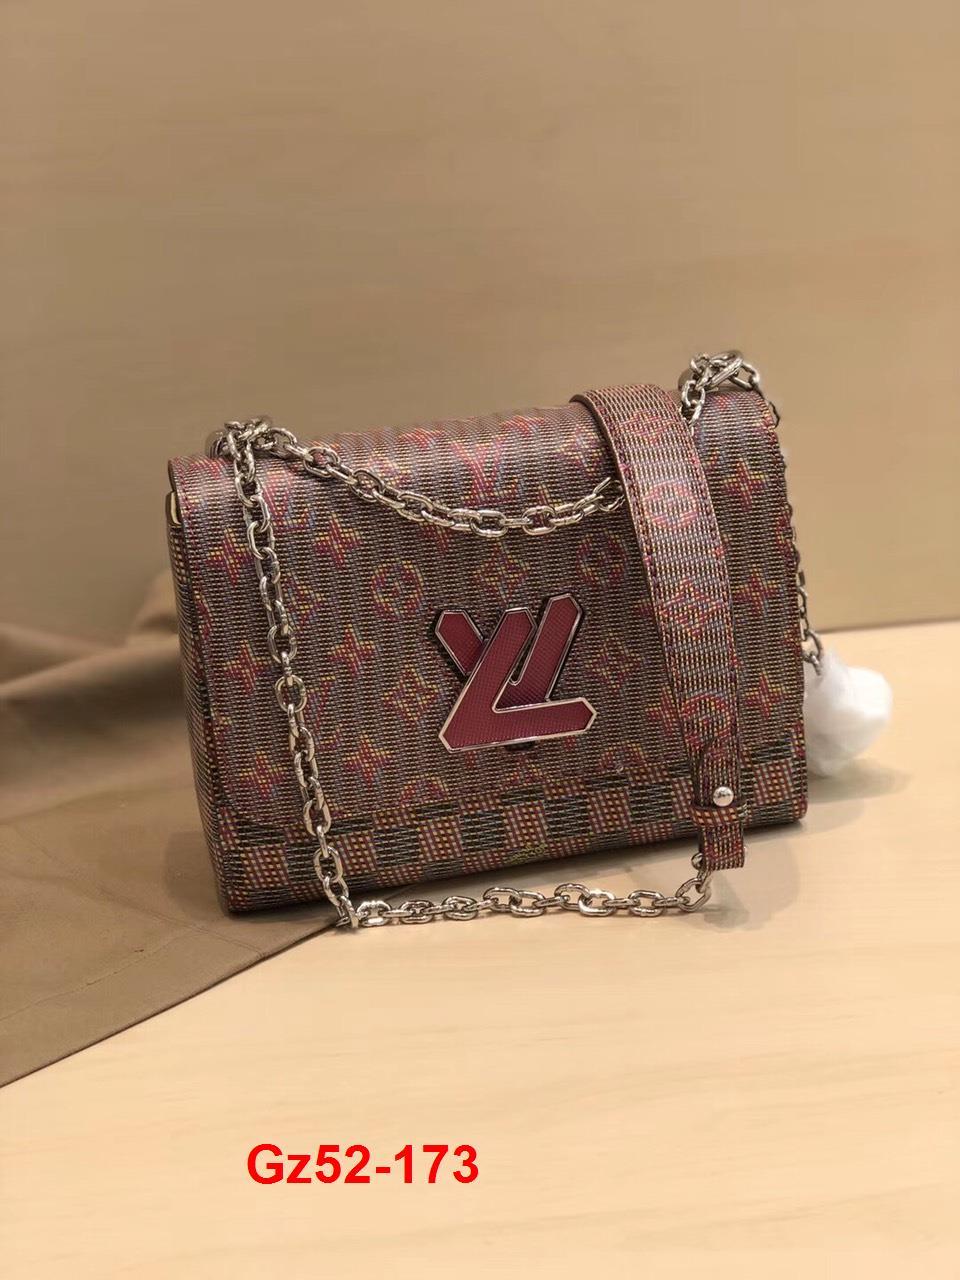 Gz52-173 Louis Vuitton túi size 23cm siêu cấp